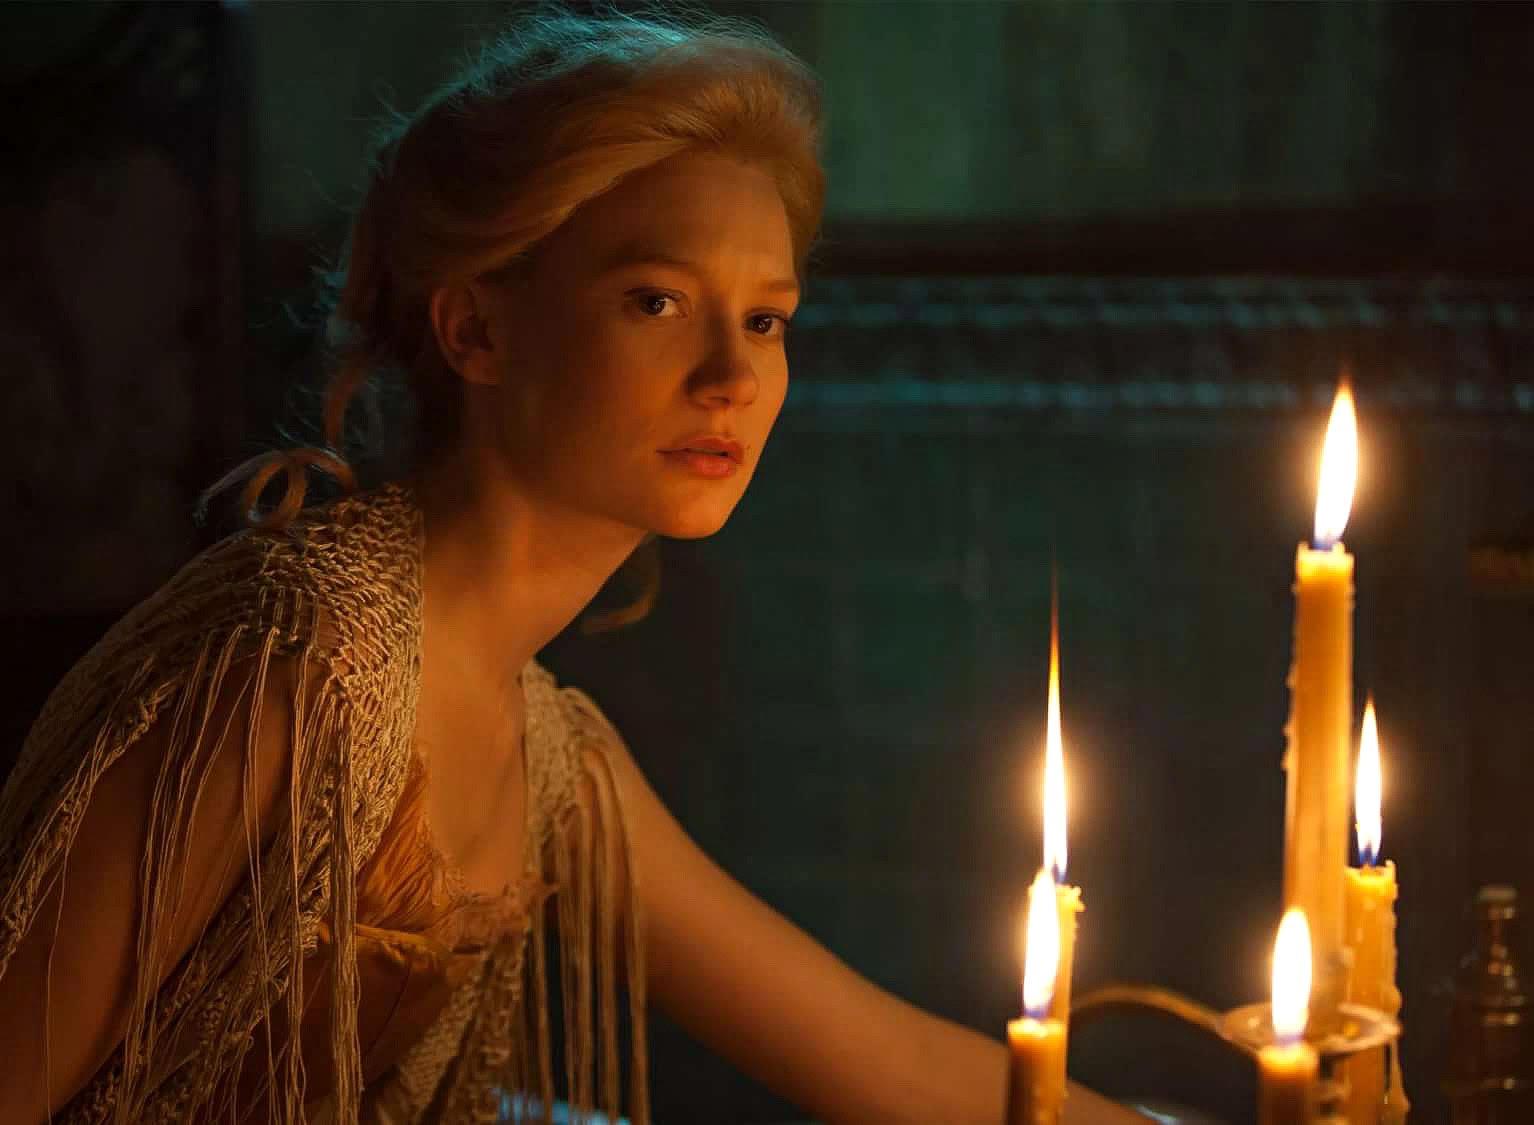 Для холодов: топ ароматических свечей, которые создают уют